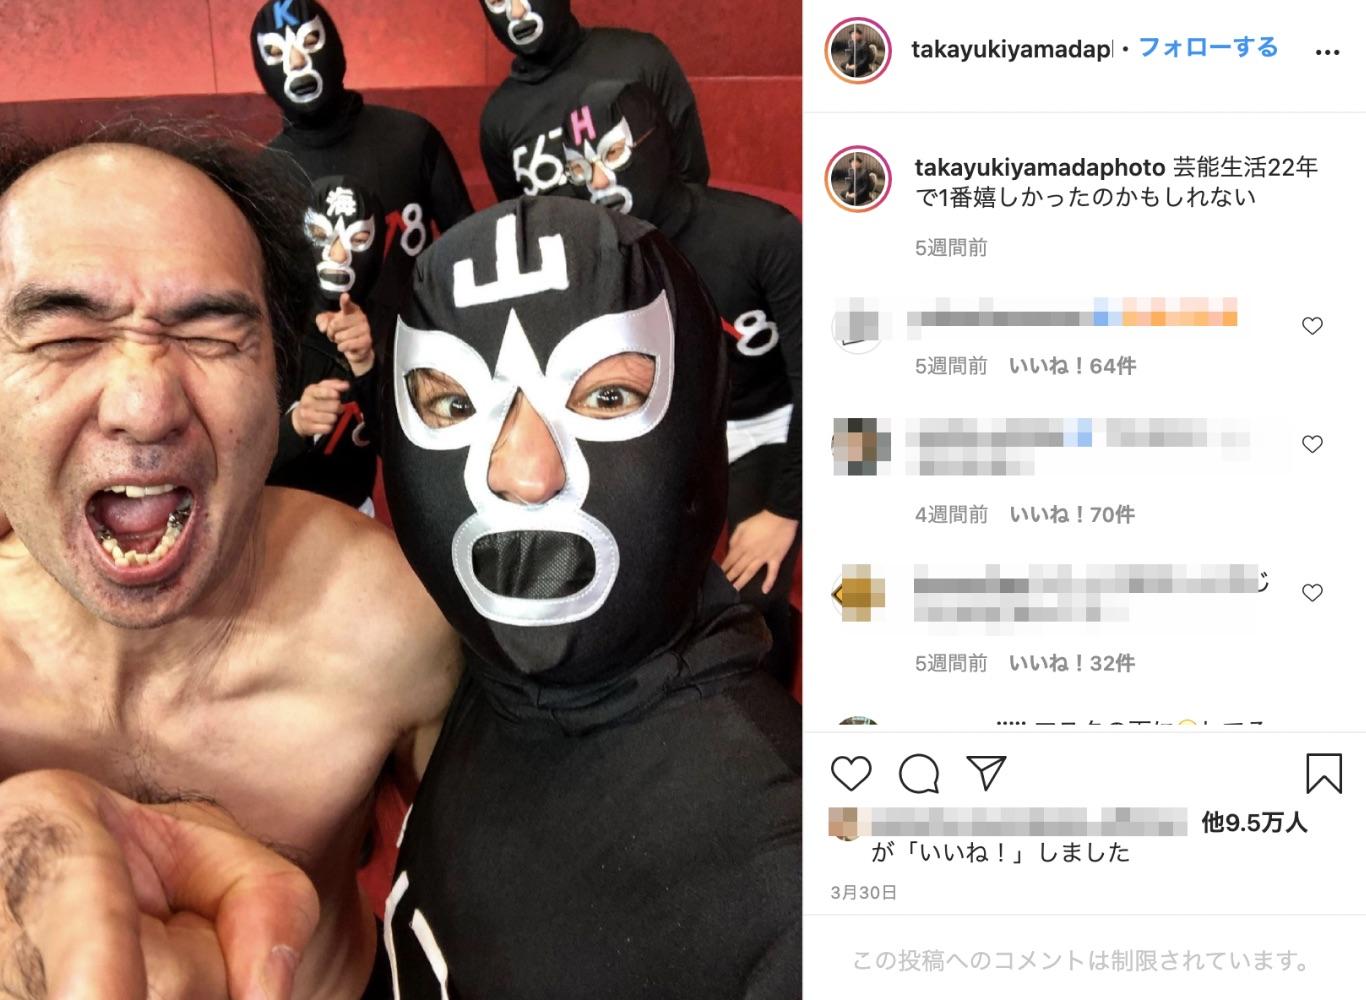 3月の特番で共演した江頭2:50と山田孝之(画像は『山田孝之 2021年3月30日付Instagram「芸能生活22年で1番嬉しかったのかもしれない」』のスクリーンショット)